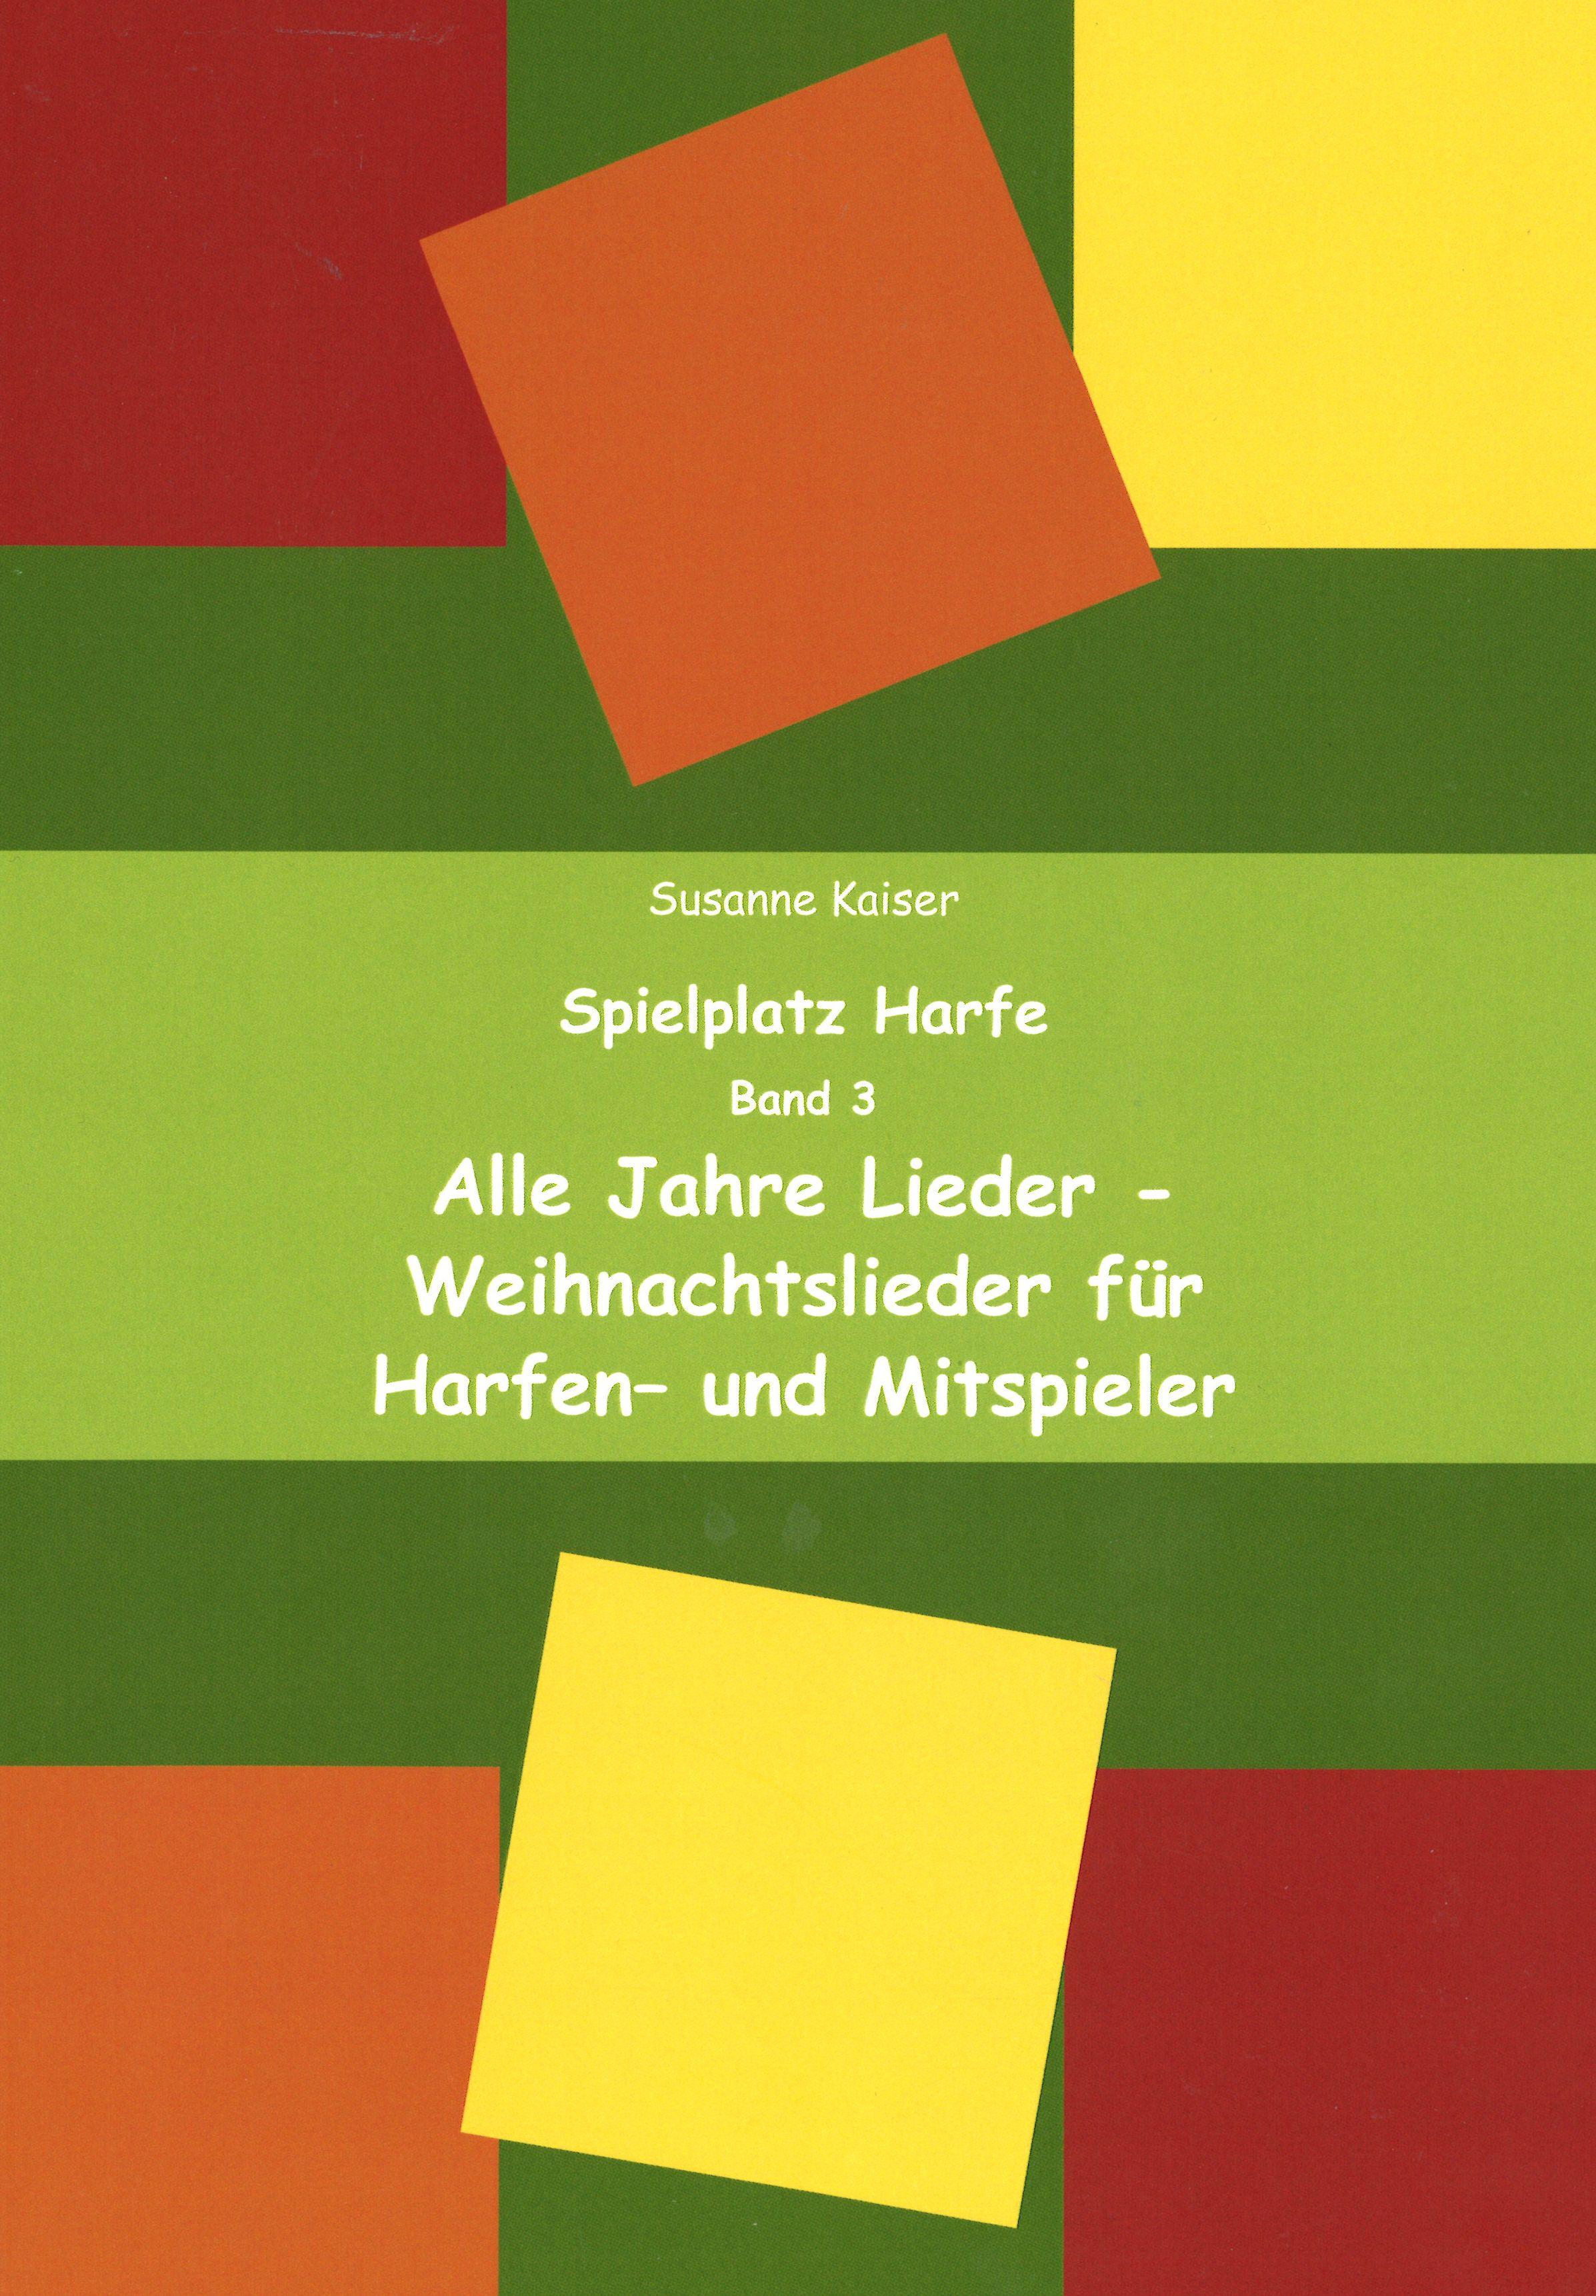 Kaiser S., Spielplatz Harfe Band 3 - Glissando